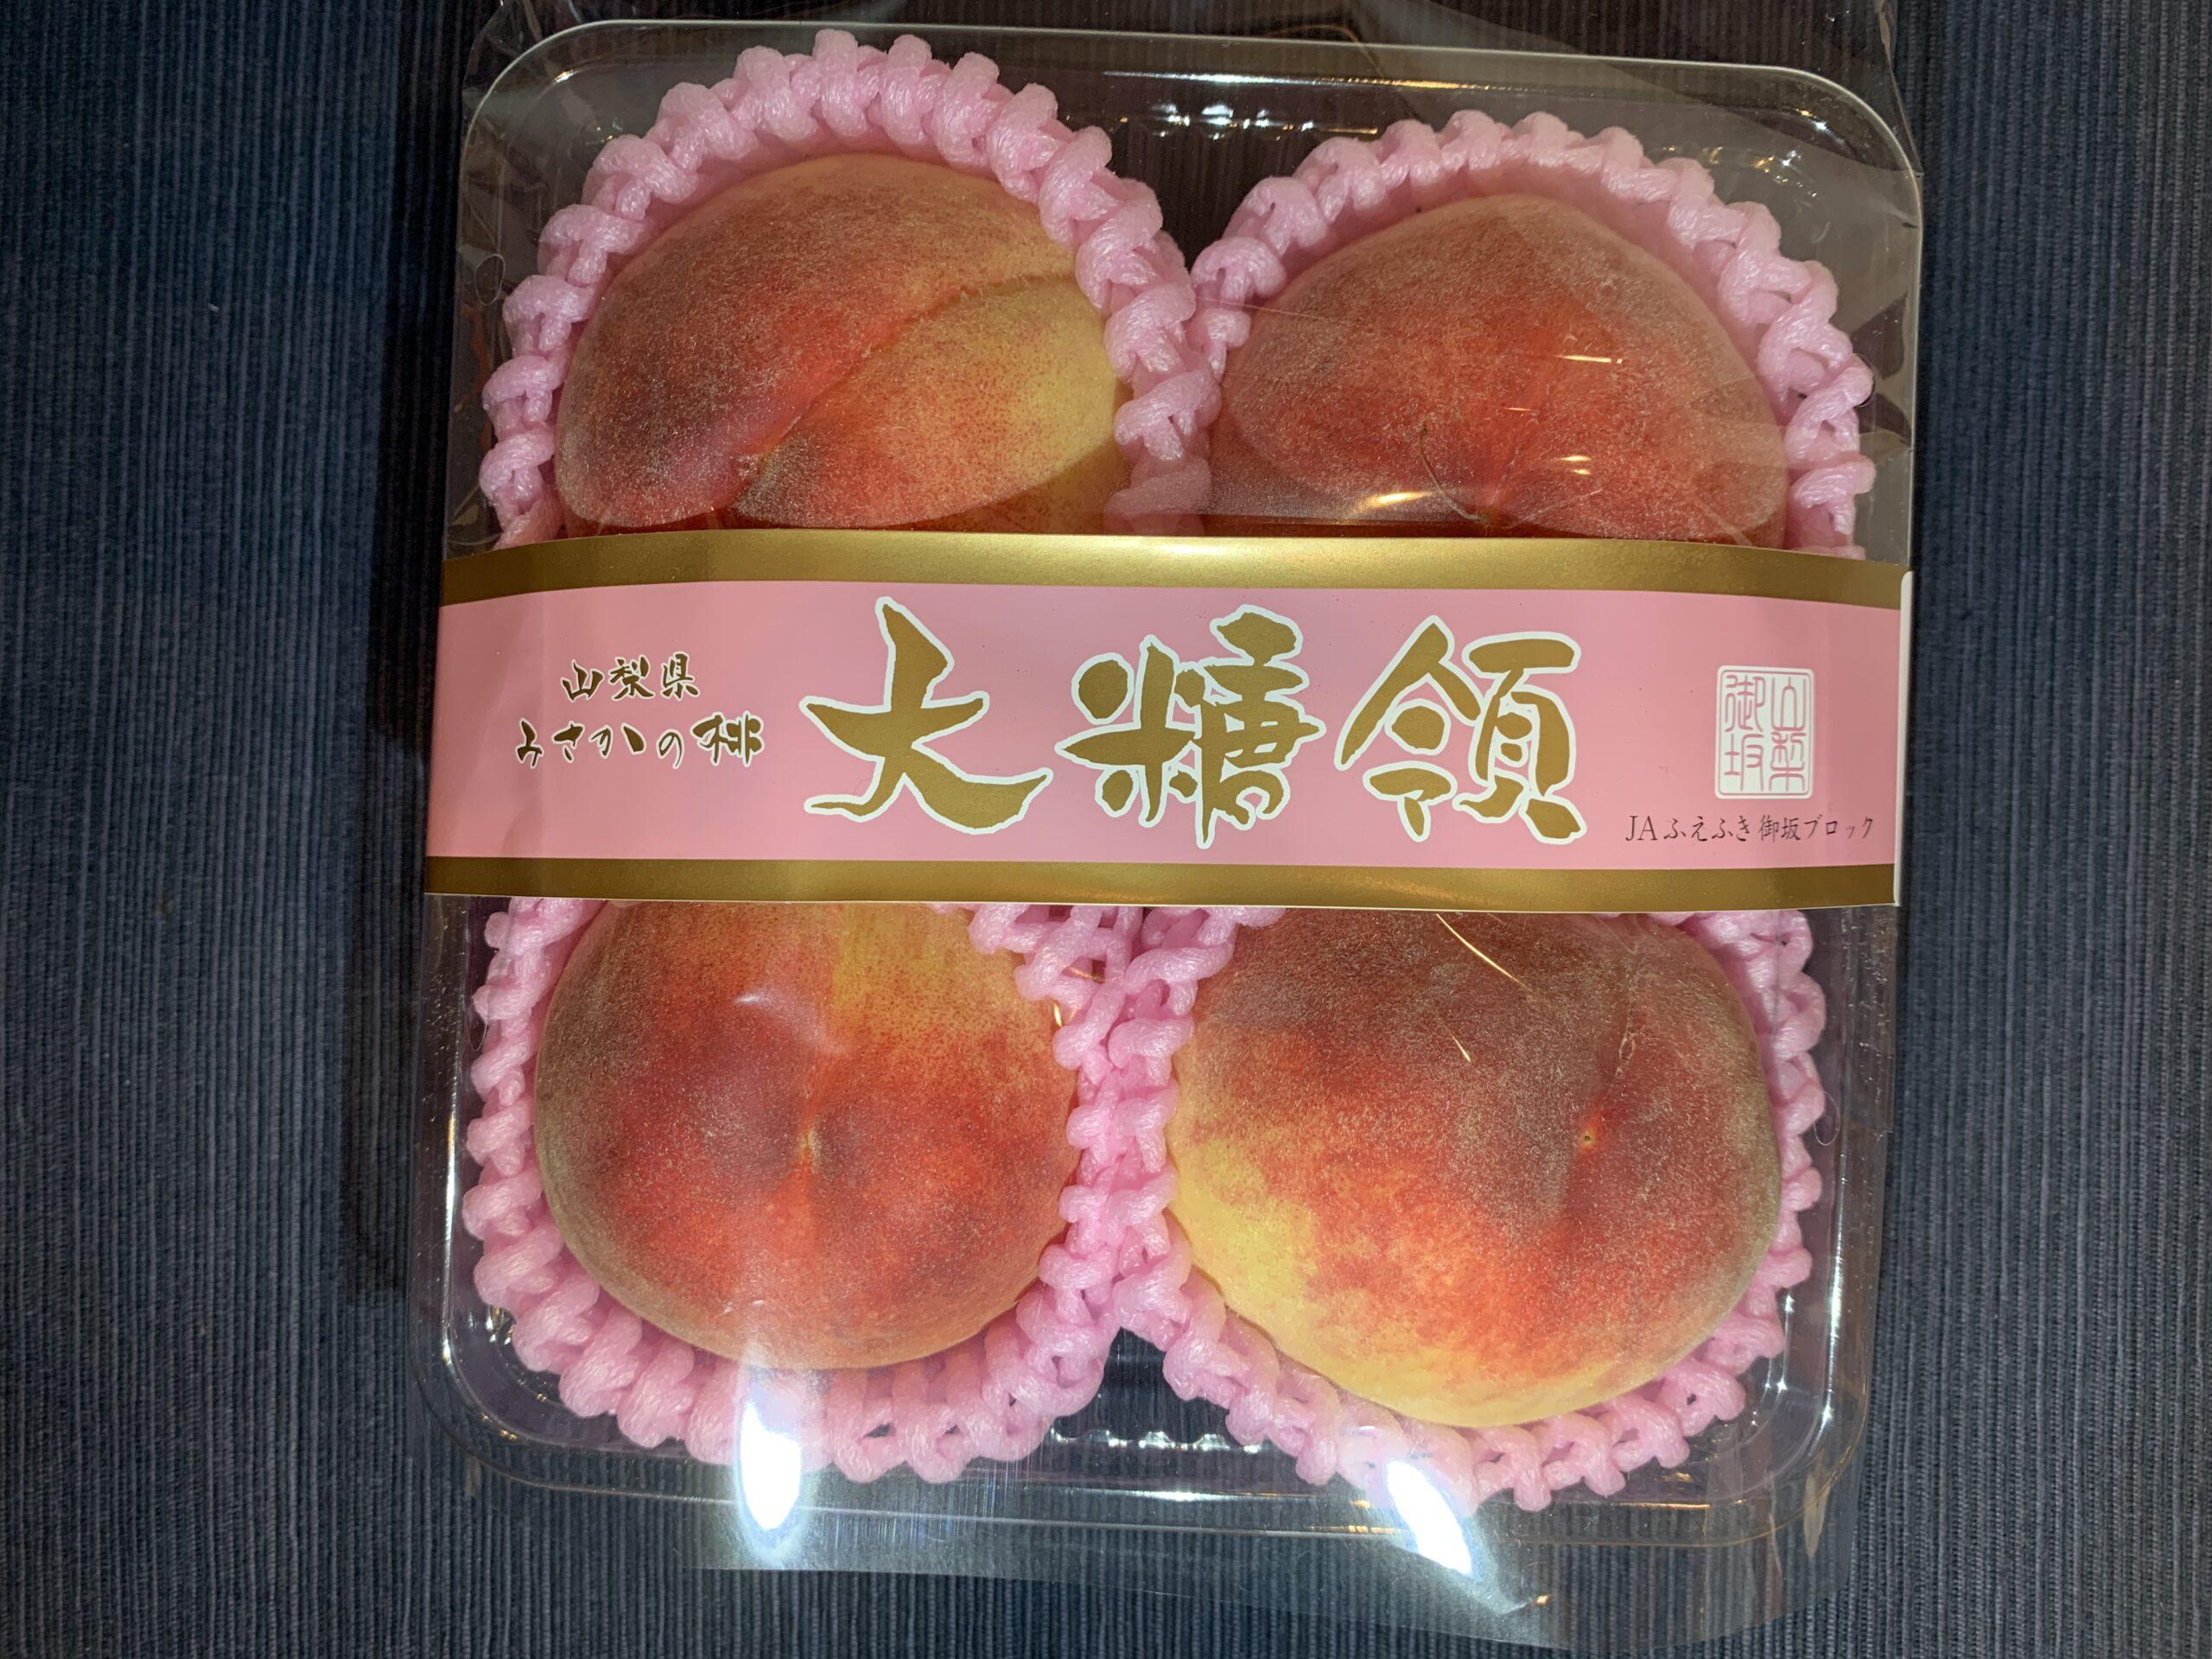 桃(大糖領)山梨のは美味しい?食べてみた感想